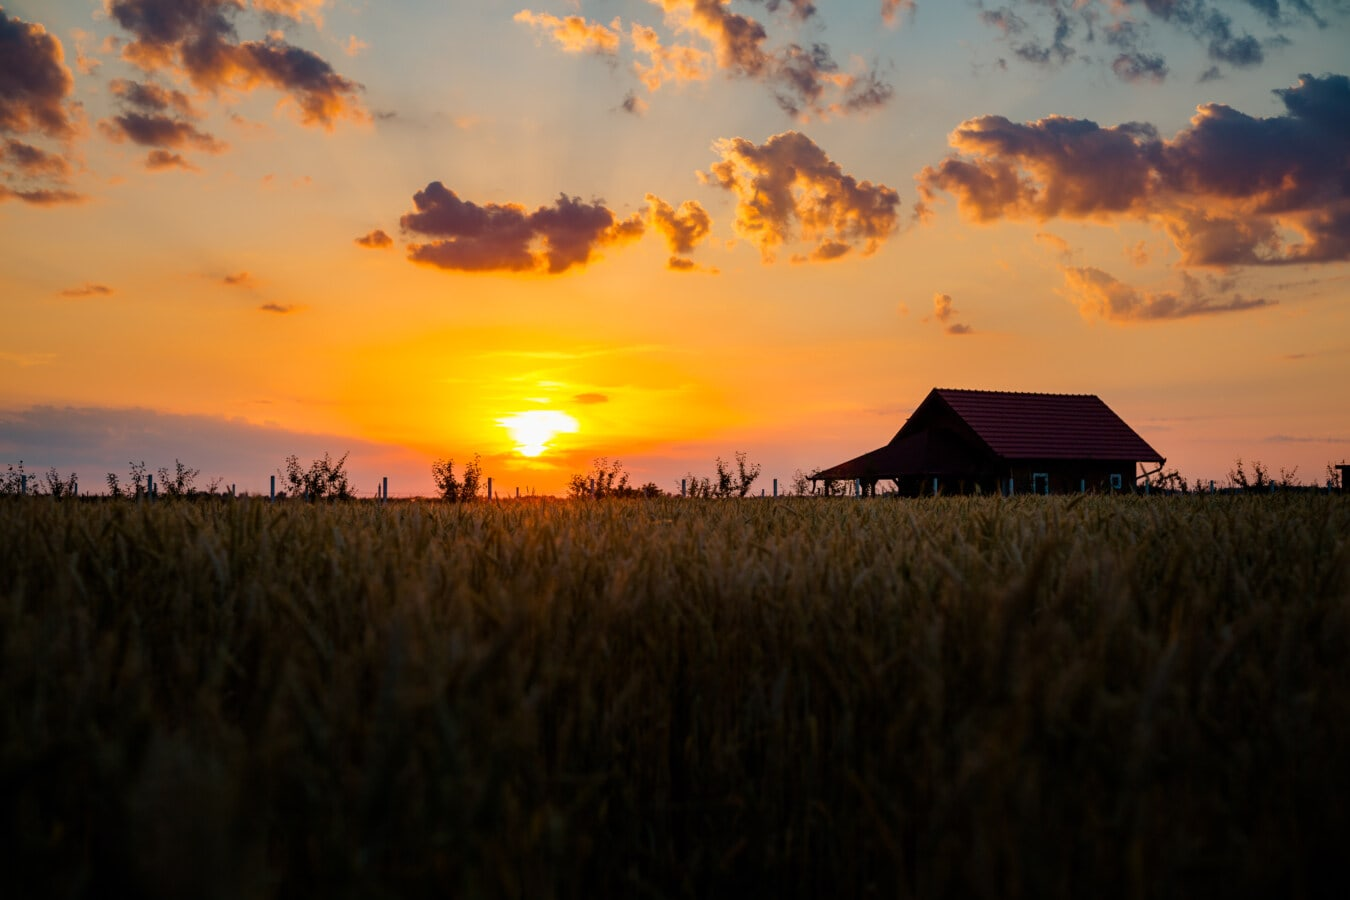 paysage, majestueux, champ de blé, ferme, les terres agricoles, ferme, blé, crépuscule, ténèbres, ombre